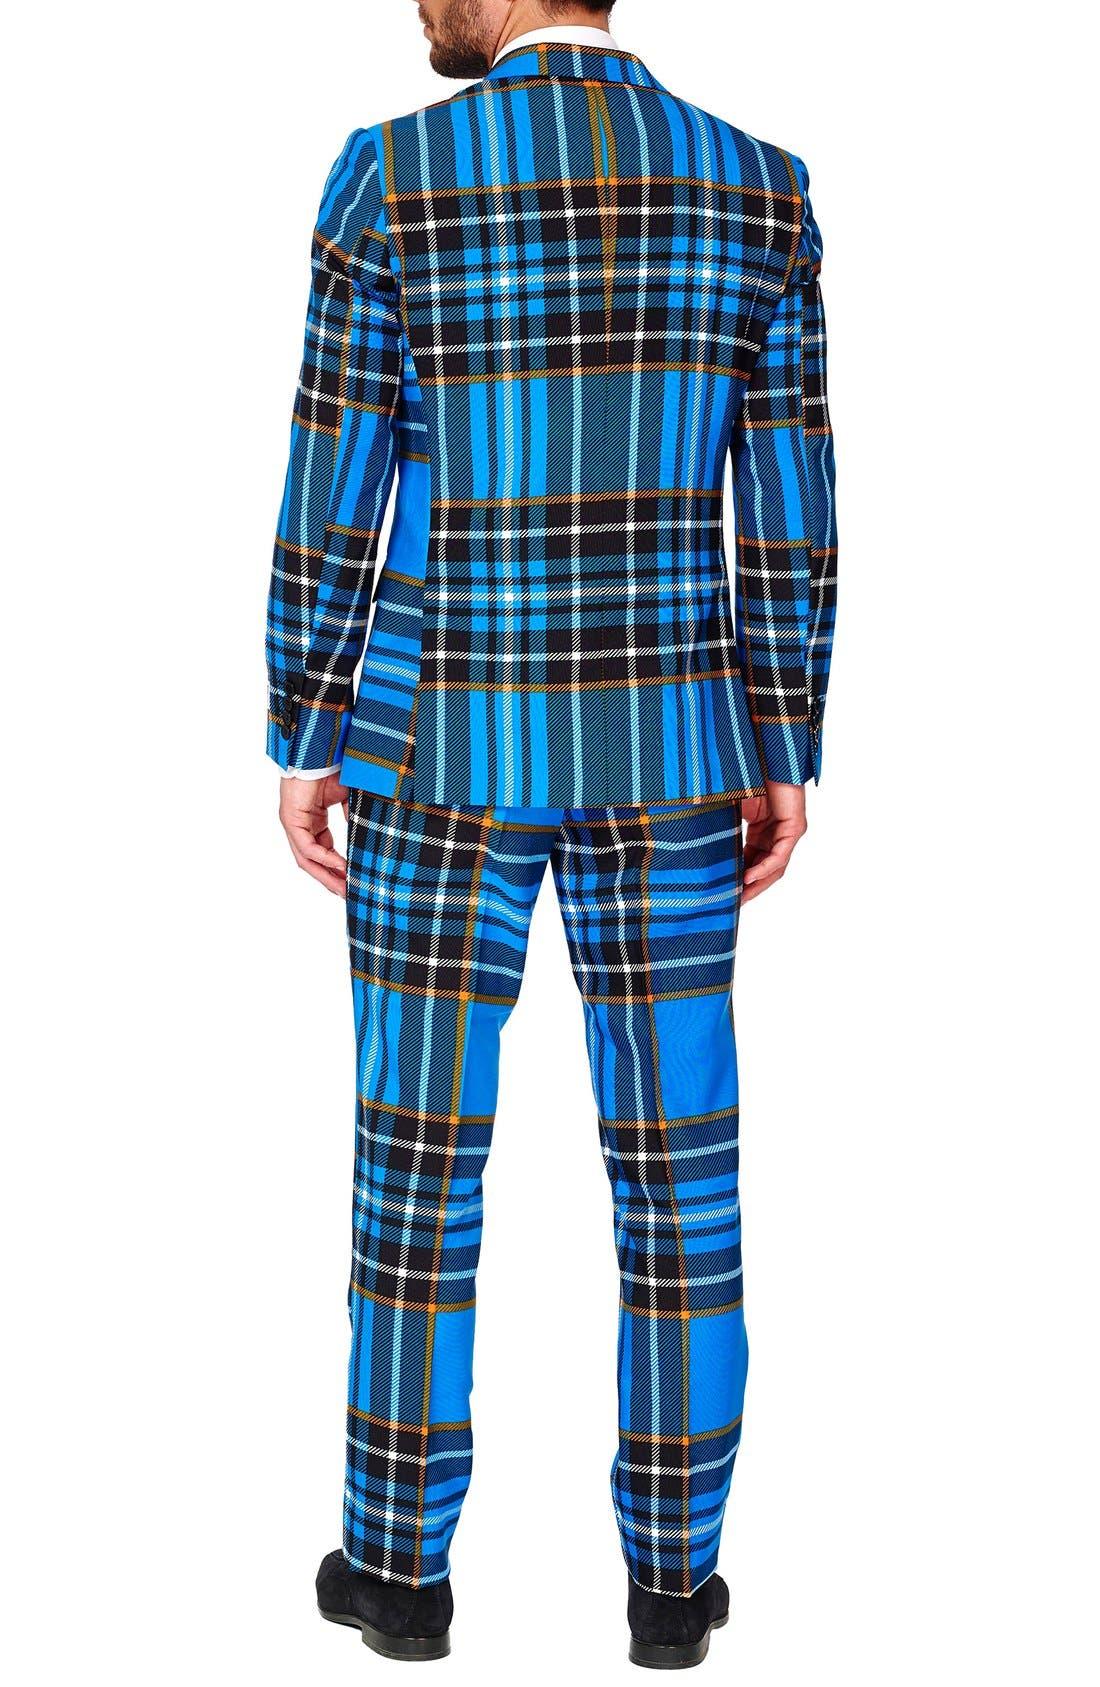 'Braveheart' Trim Fit Suit with Tie,                             Alternate thumbnail 2, color,                             421